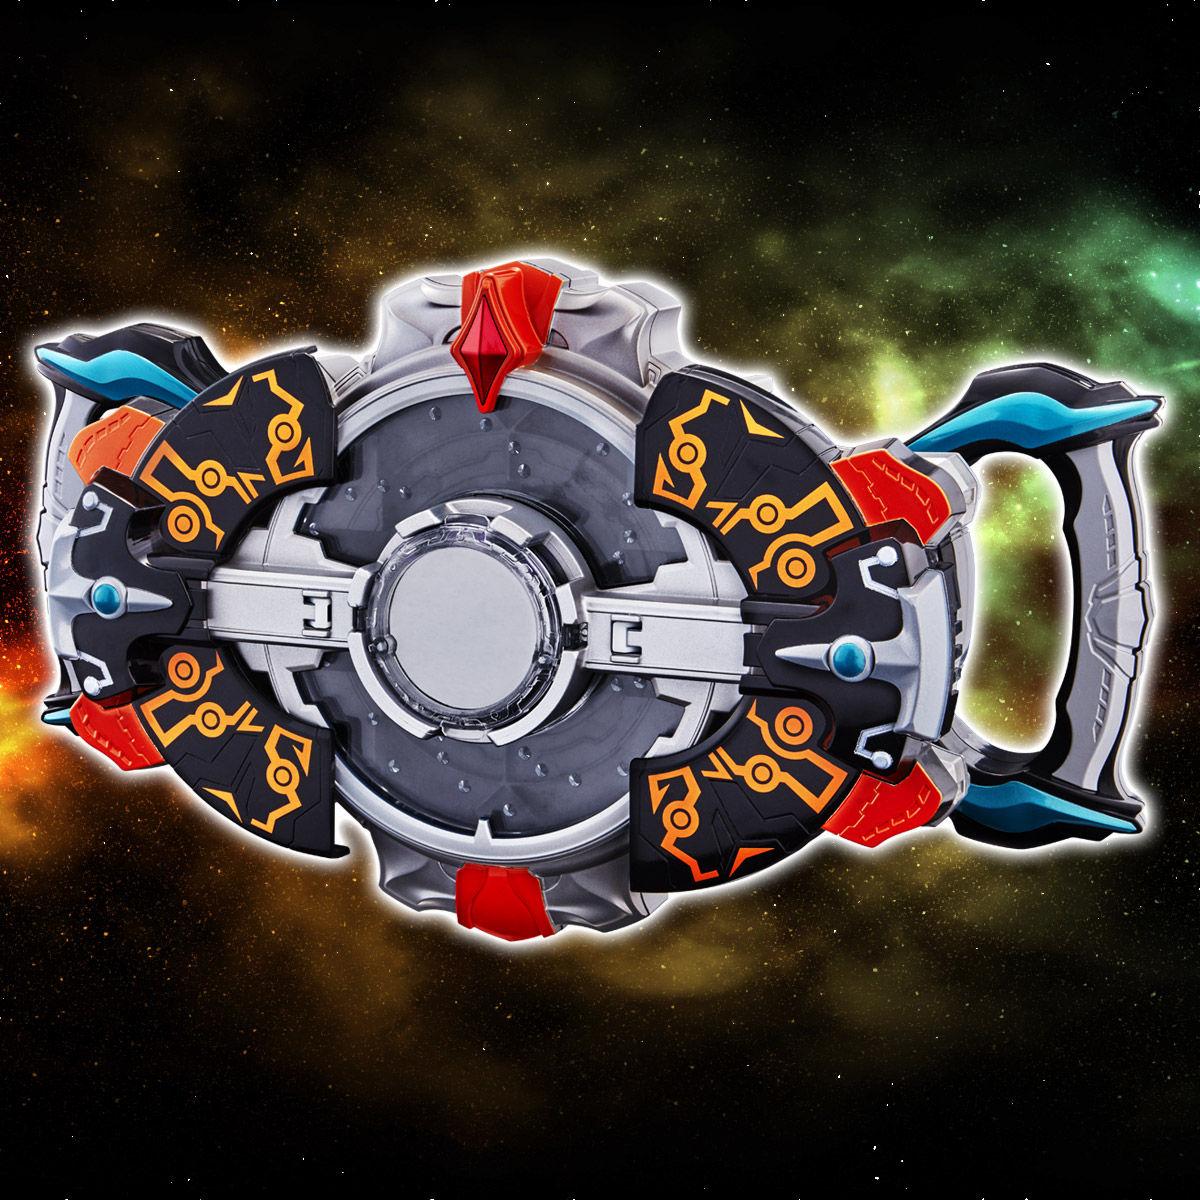 ウルトラマンR/B『DXルーブジャイロ ―美剣サキ仕様―』変身なりきり-001